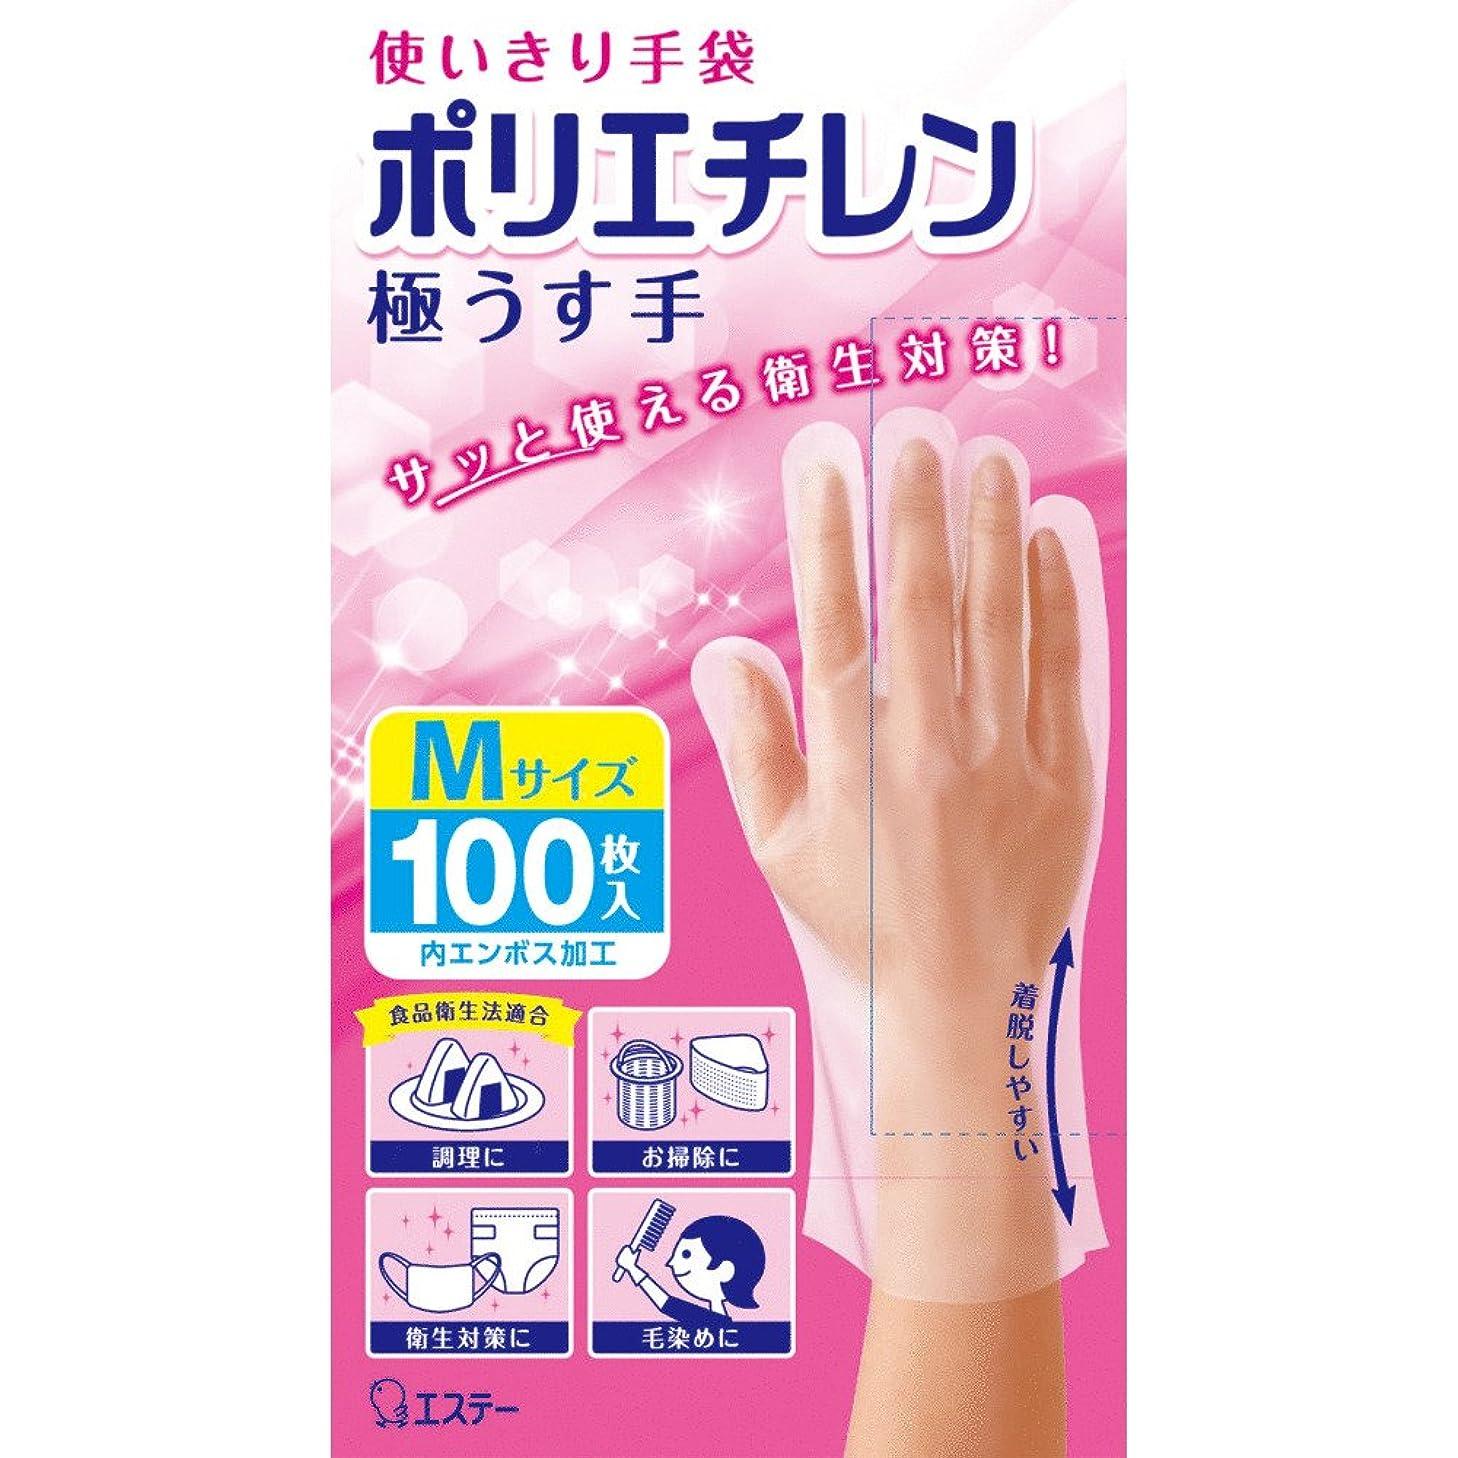 文明化周波数監査使いきり手袋 ポリエチレン 極うす手 Mサイズ 半透明 100枚